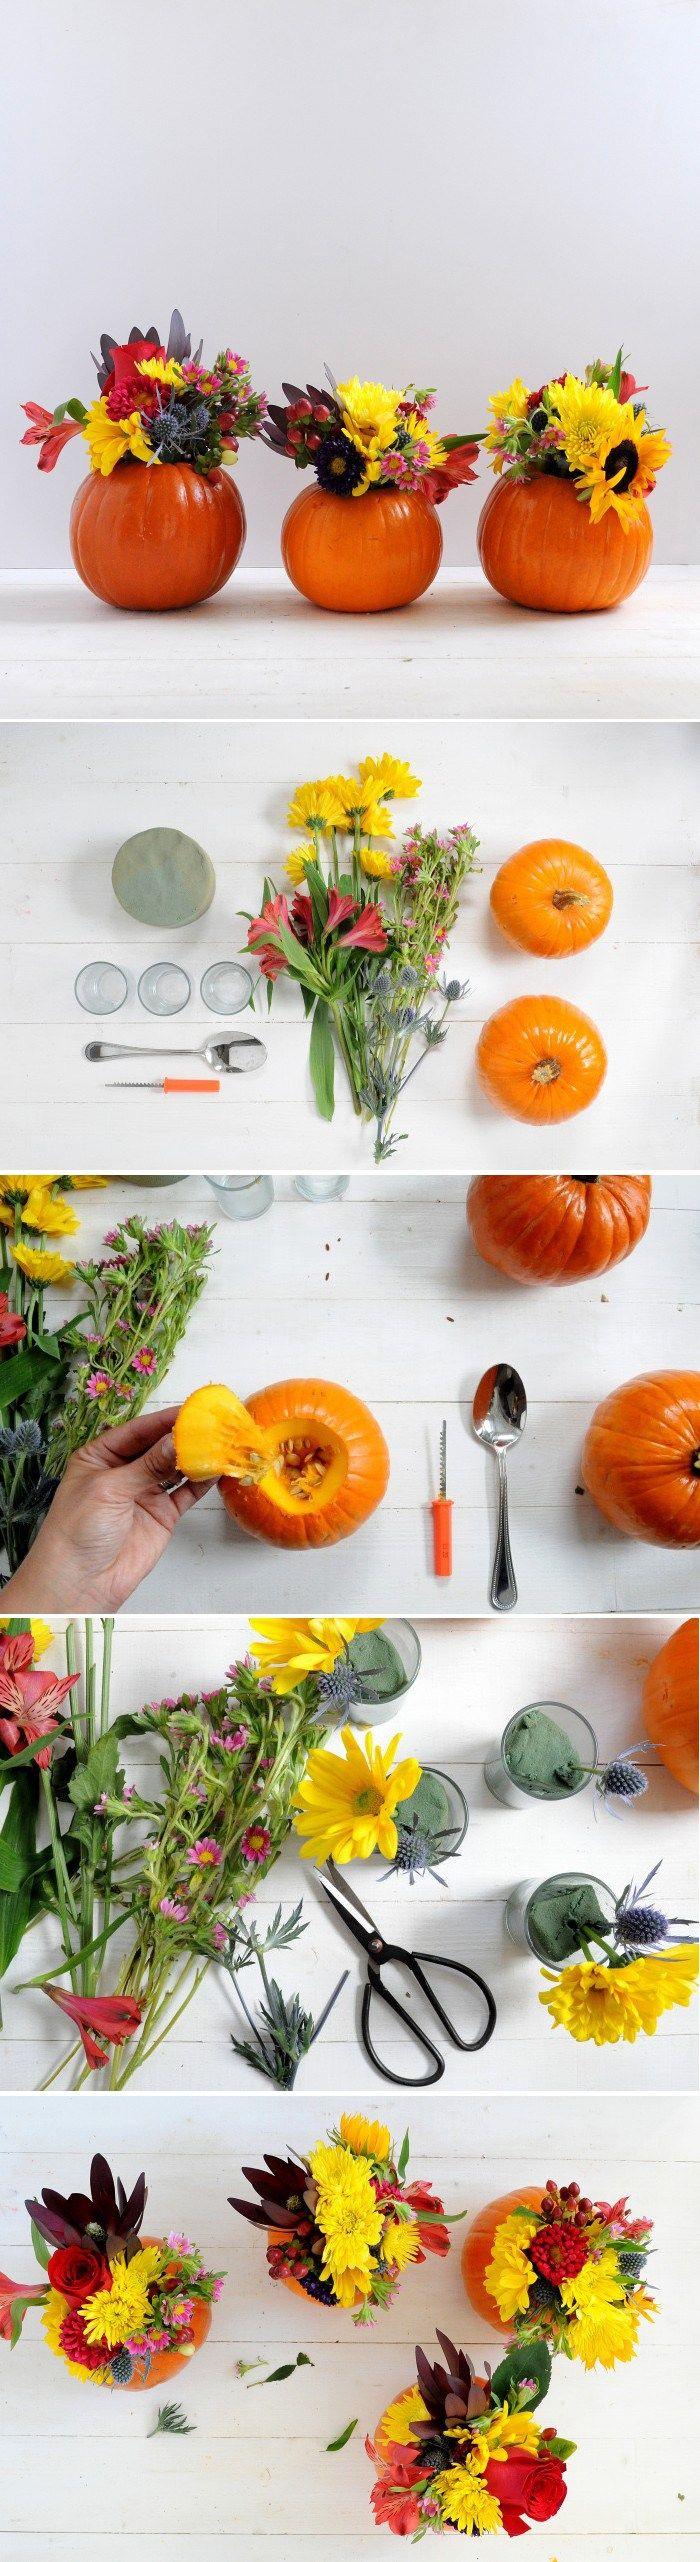 DIY Mini Pumpkin Vase for Fall